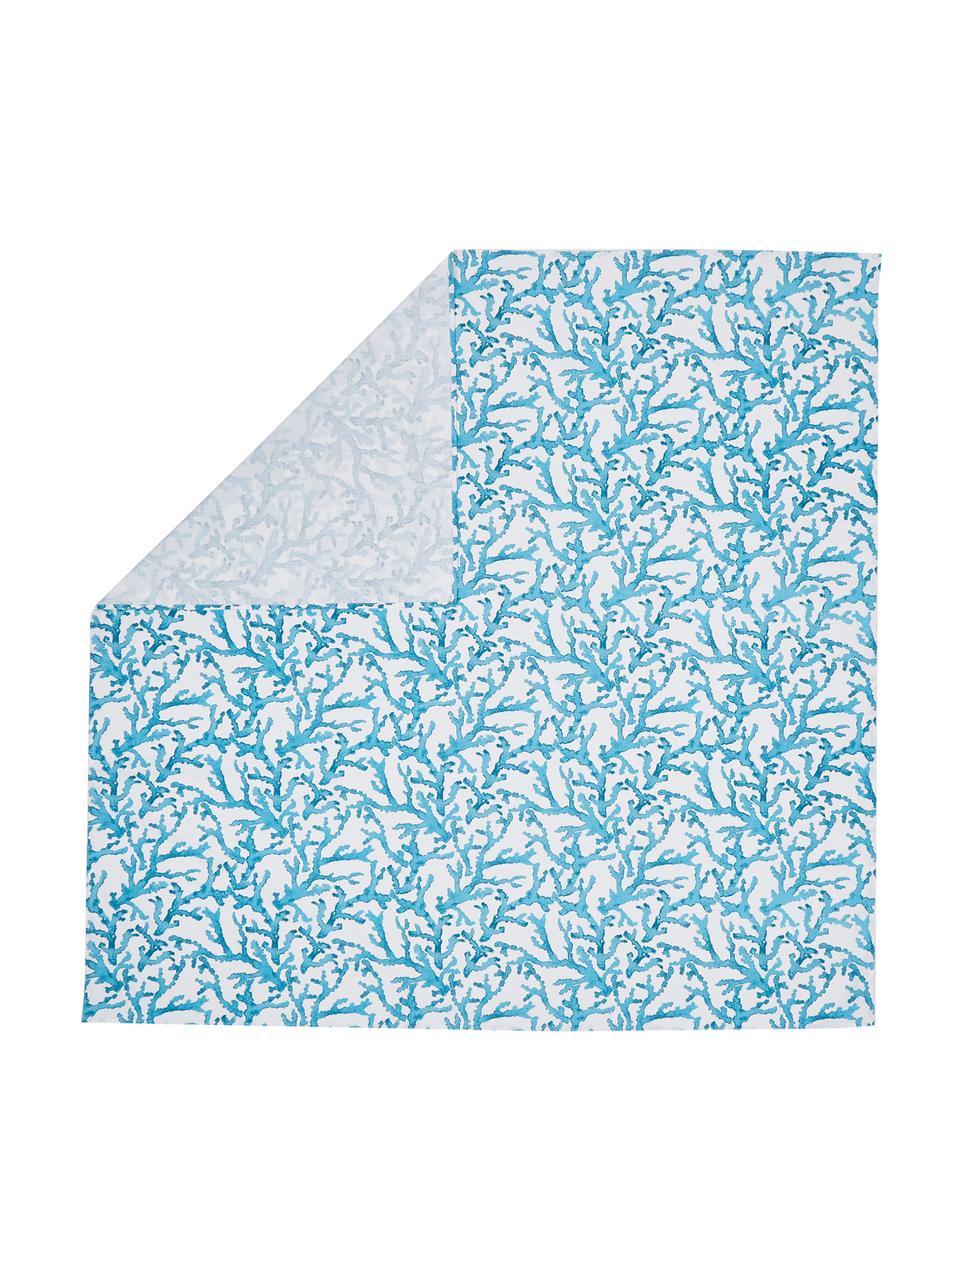 Baumwoll-Tischdecke Estran mit Korallenprint, Baumwolle, Blau, Weiß, Für 4 - 6 Personen (B 160 x L 160 cm)